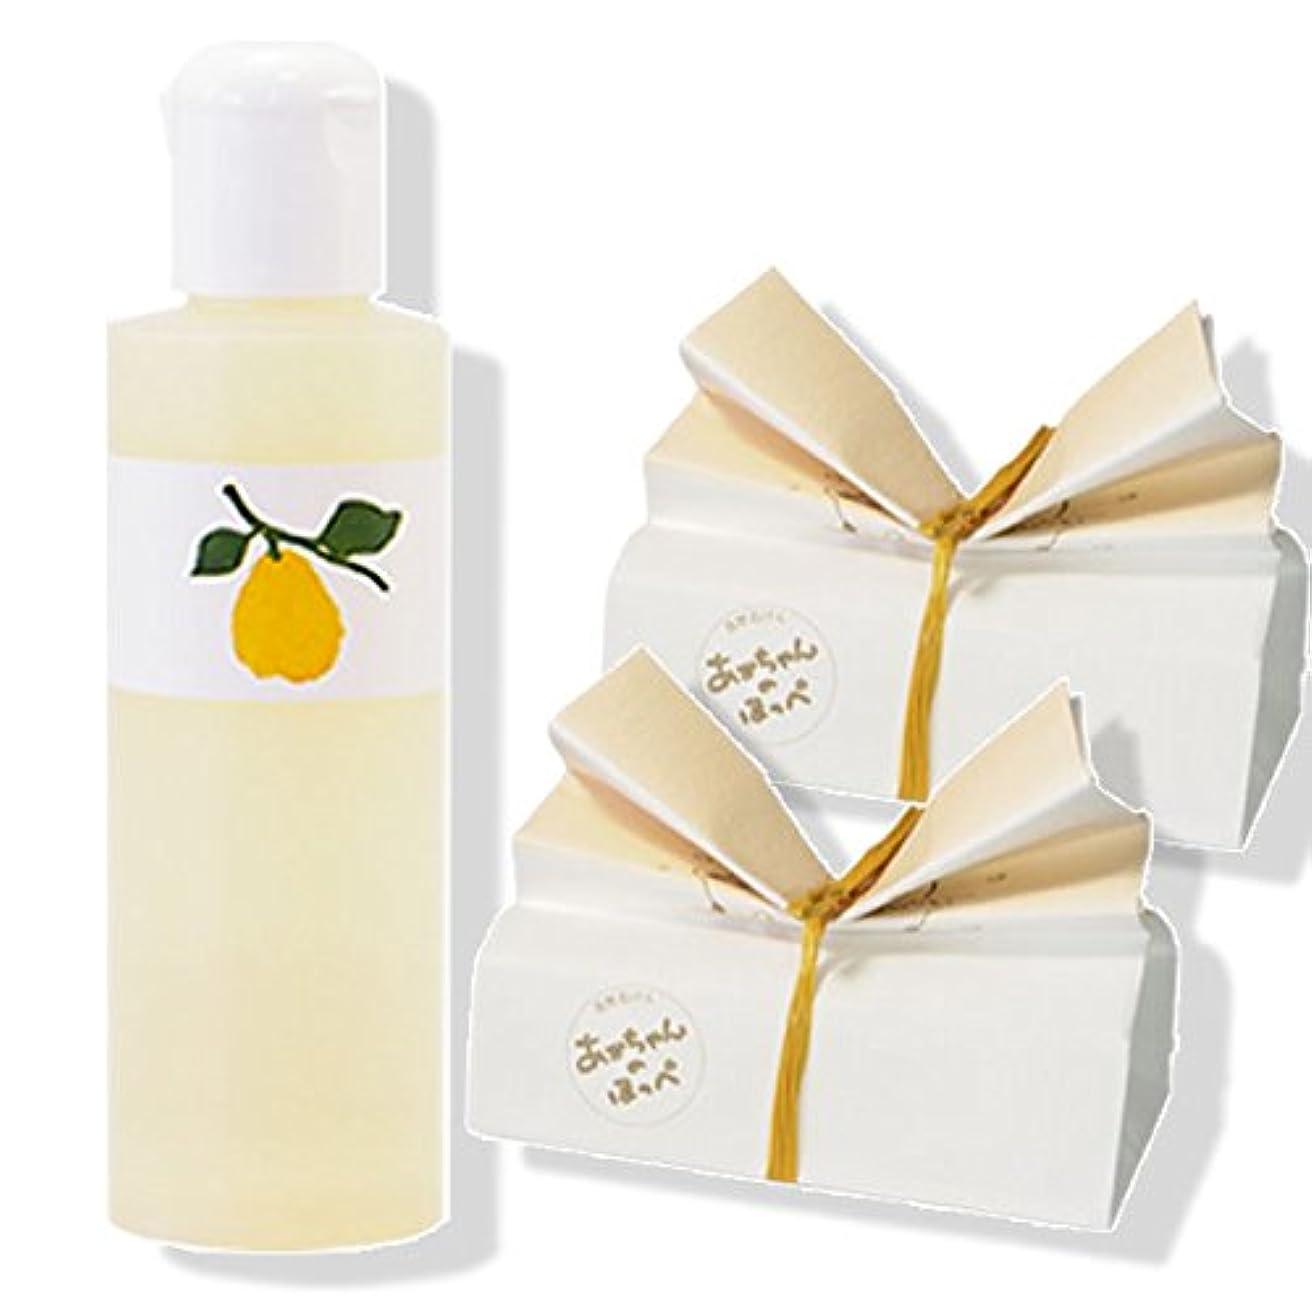 ずるいスイッチ人気「花梨の化粧水」1本 & 「あかちゃんのほっぺ」石鹸 2個セット